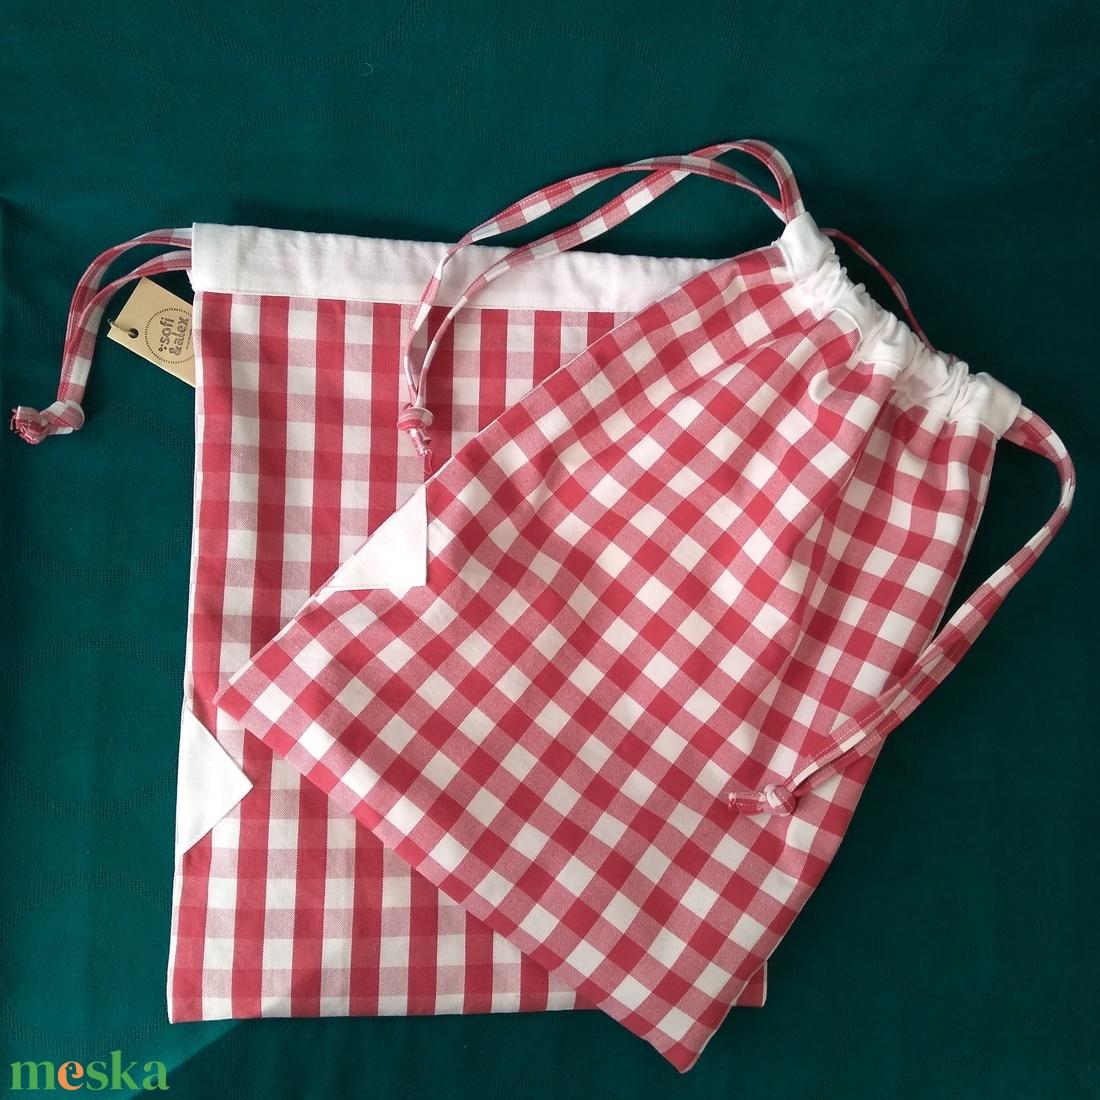 Kockás kenyeres, süteményes tároló zsák - táska & tok - bevásárlás & shopper táska - kenyeres zsák - Meska.hu